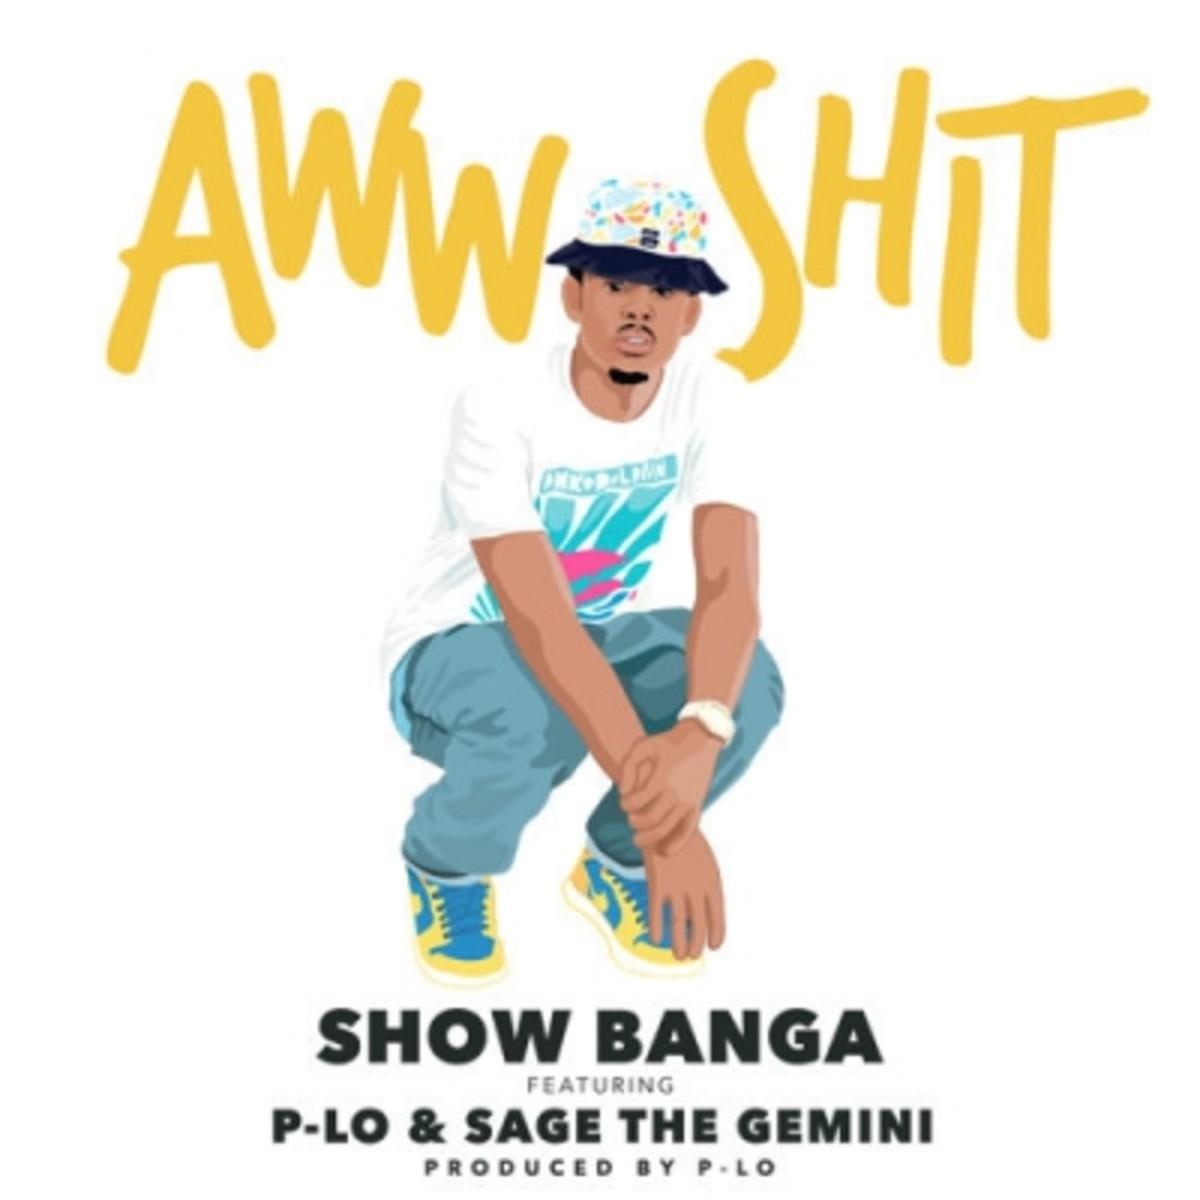 show-banga-aww-shit.jpg